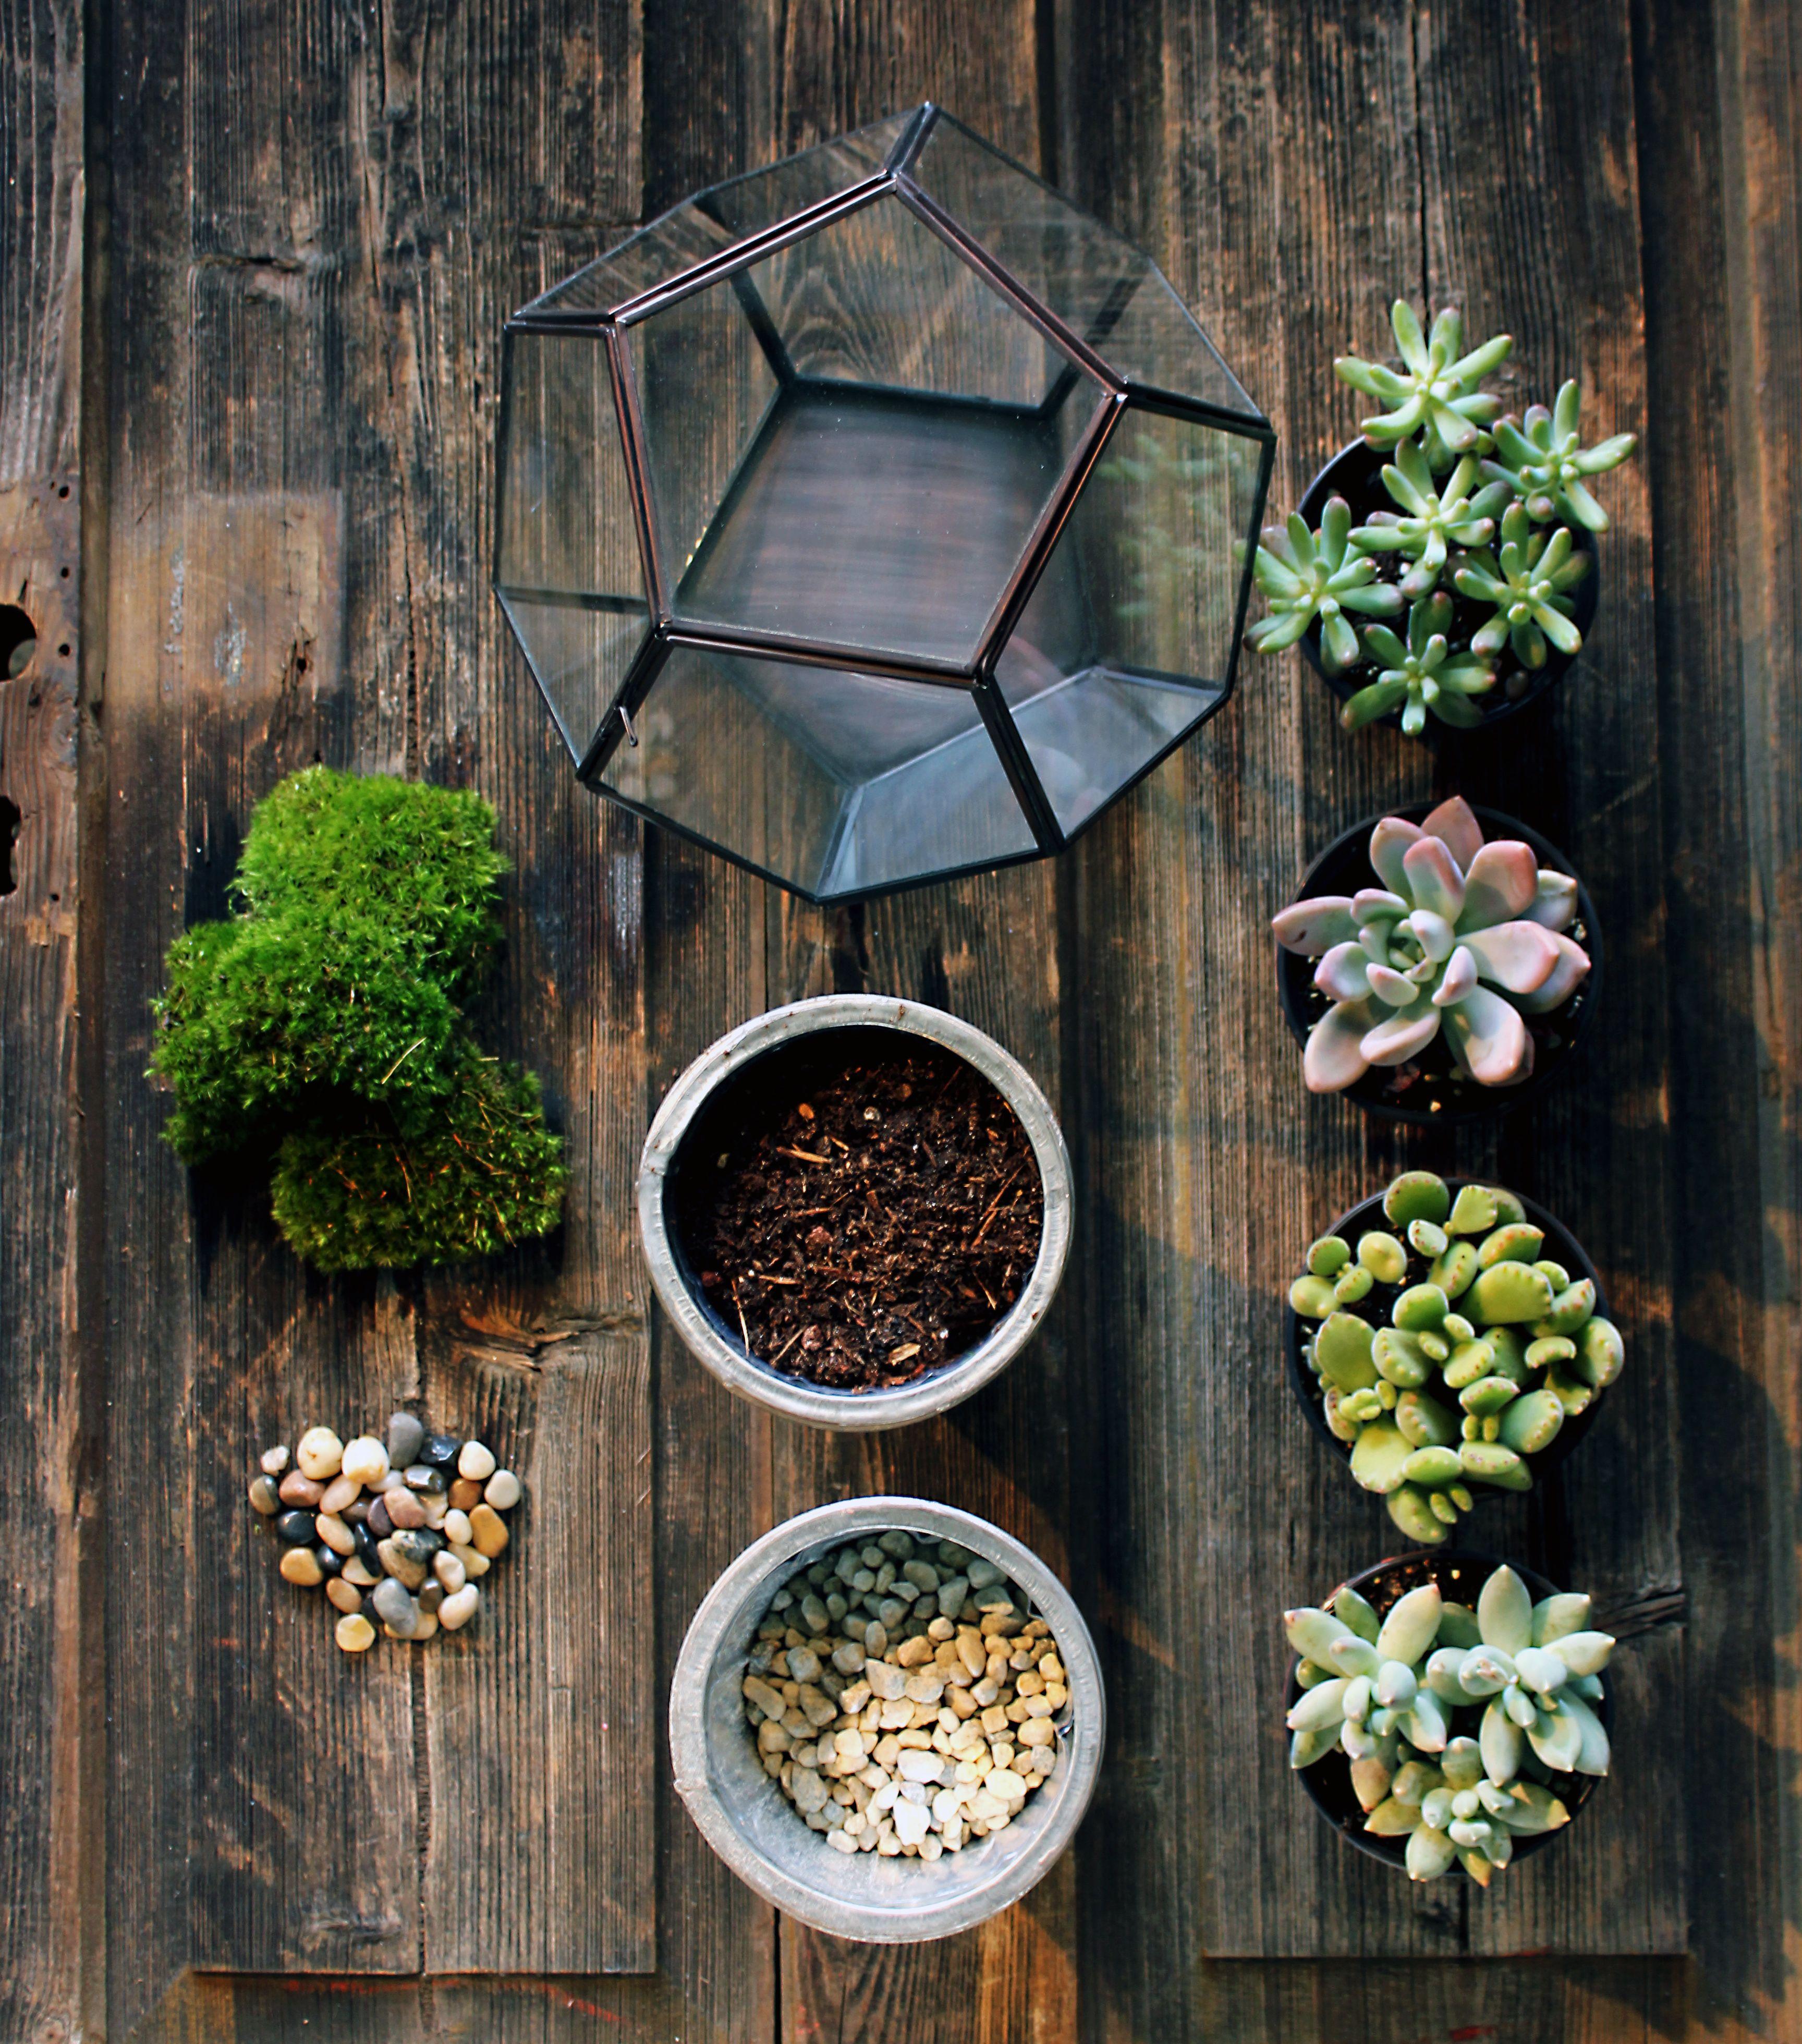 DIY - Create Your Own Terrarium